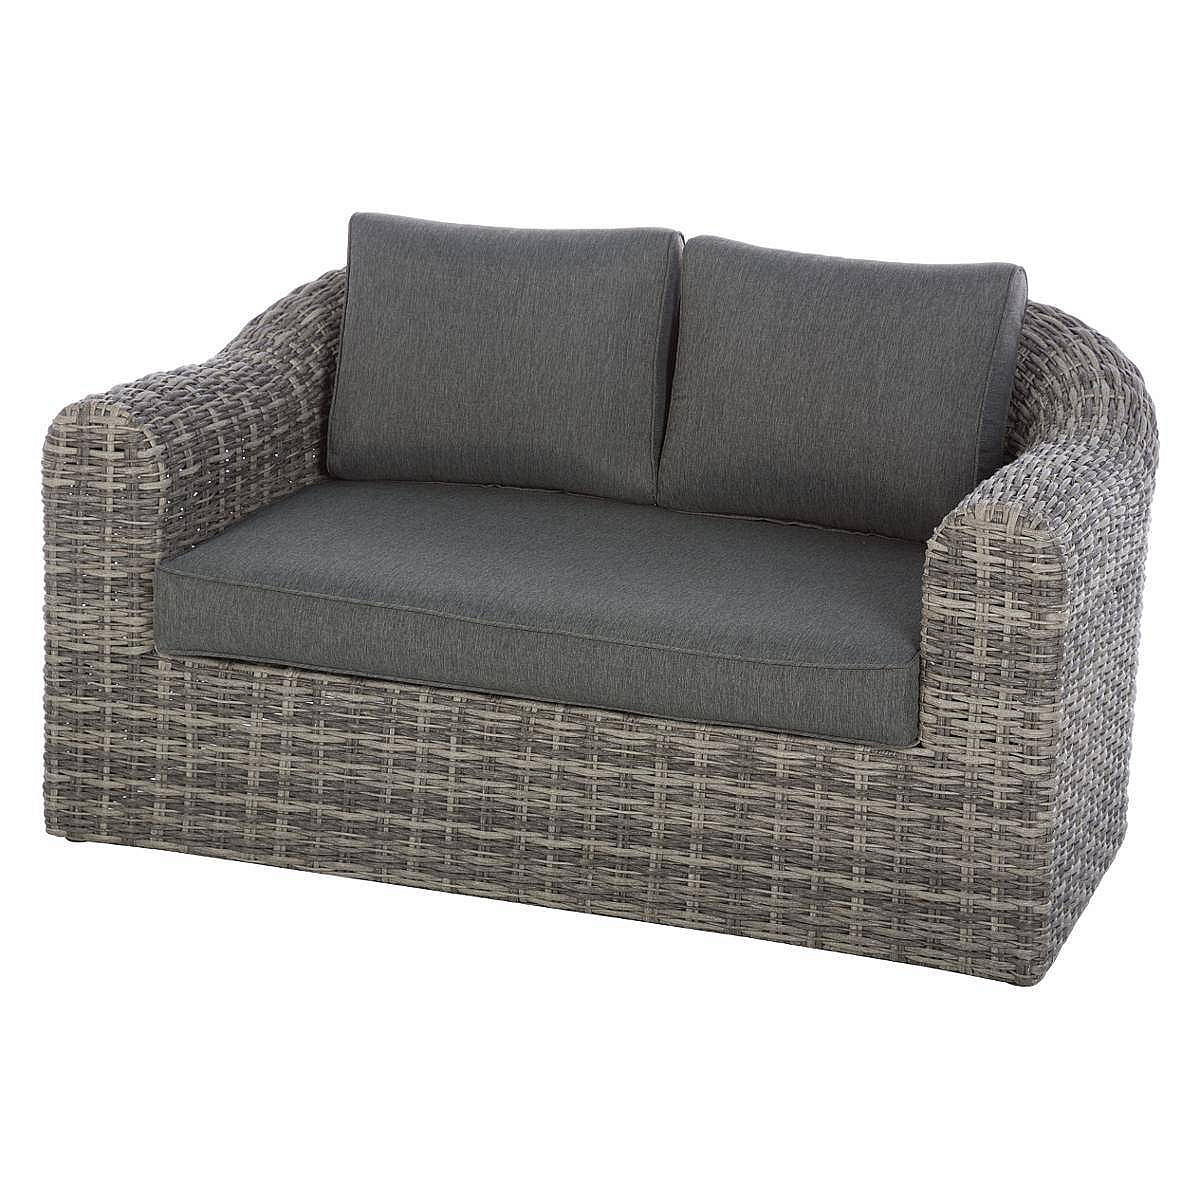 Ratanová lavica pre 2 osoby BORNEO (sivá)